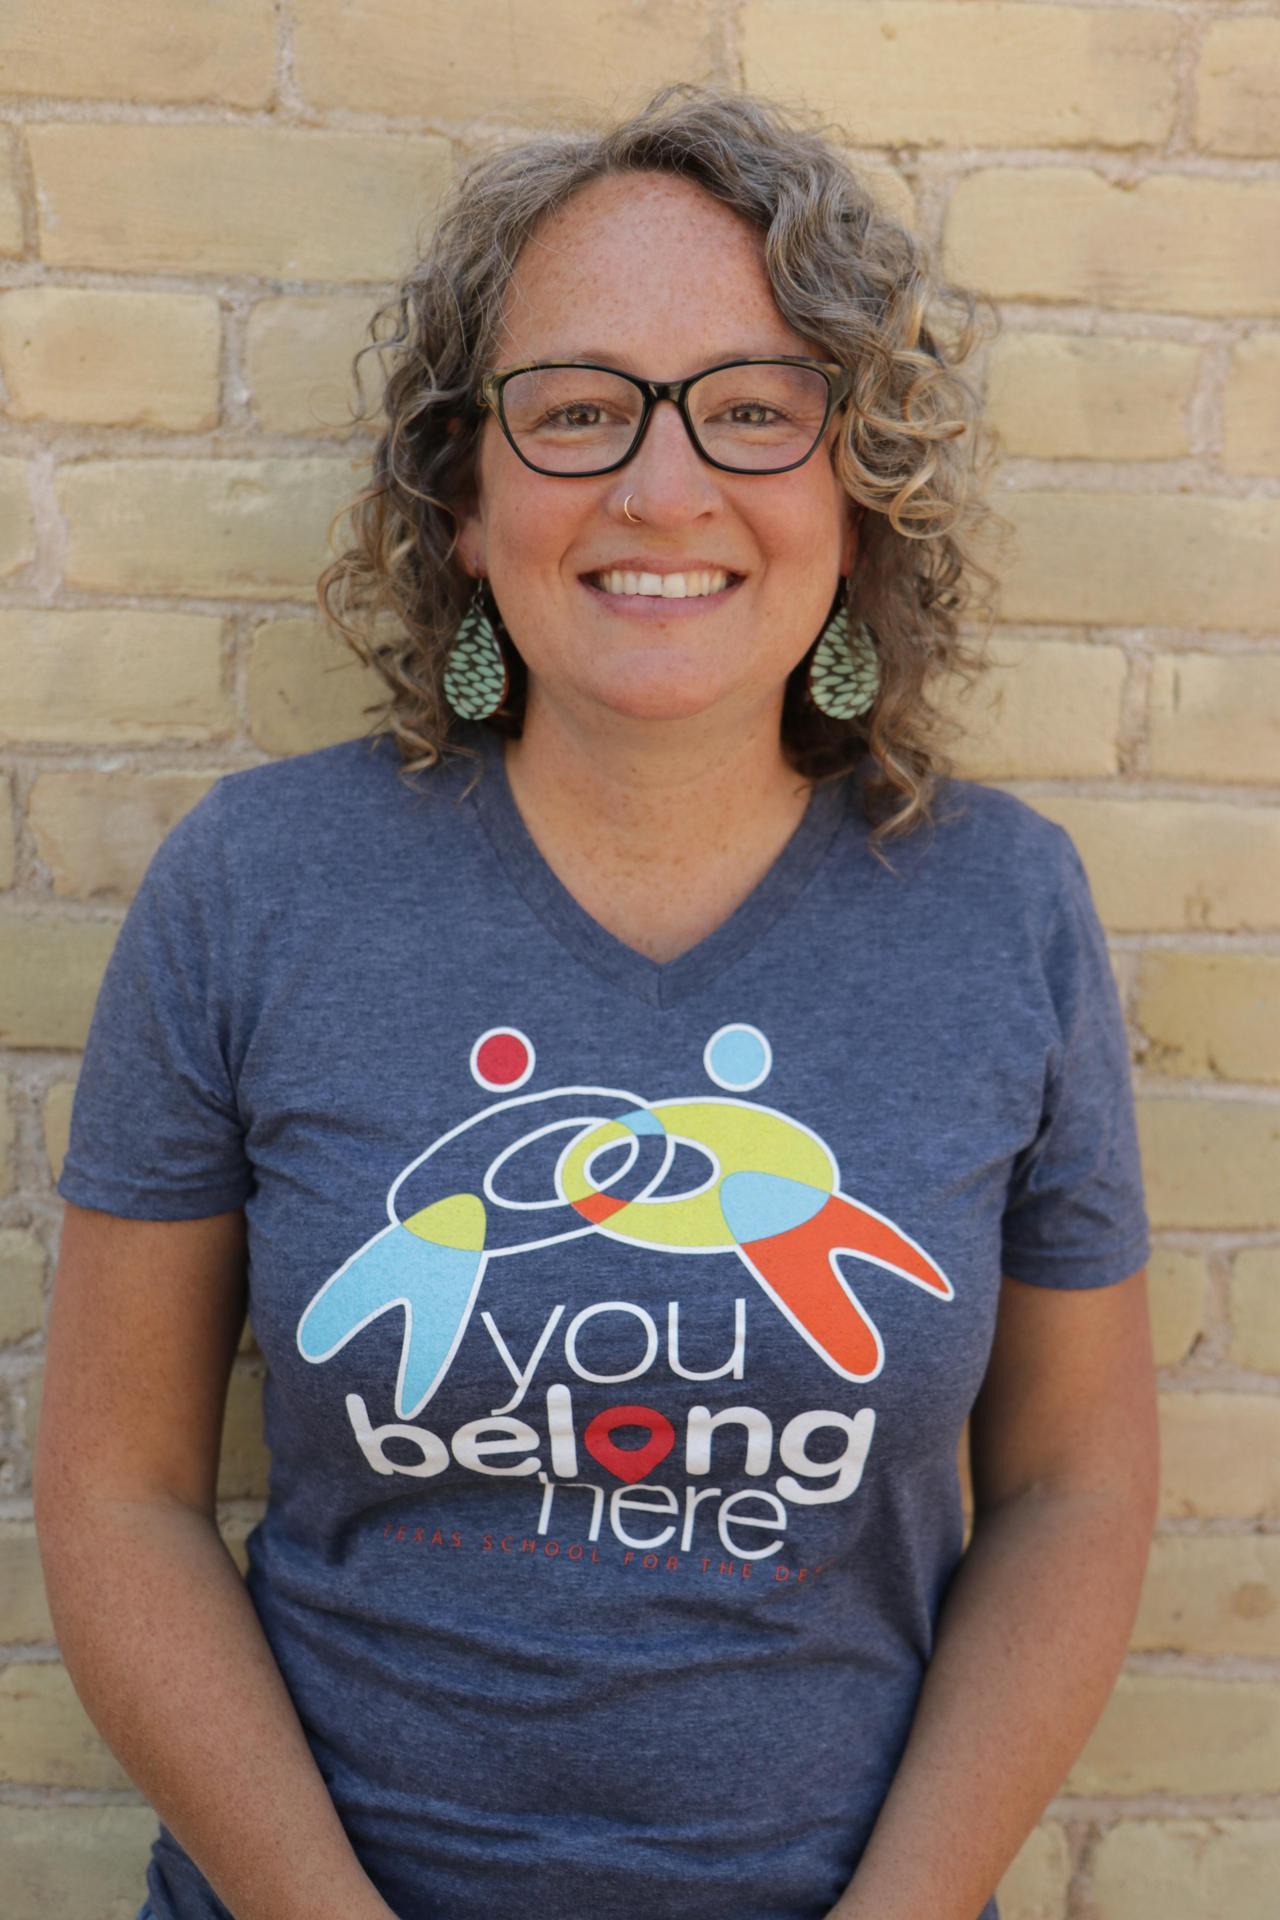 Librarian Leslie Hussey